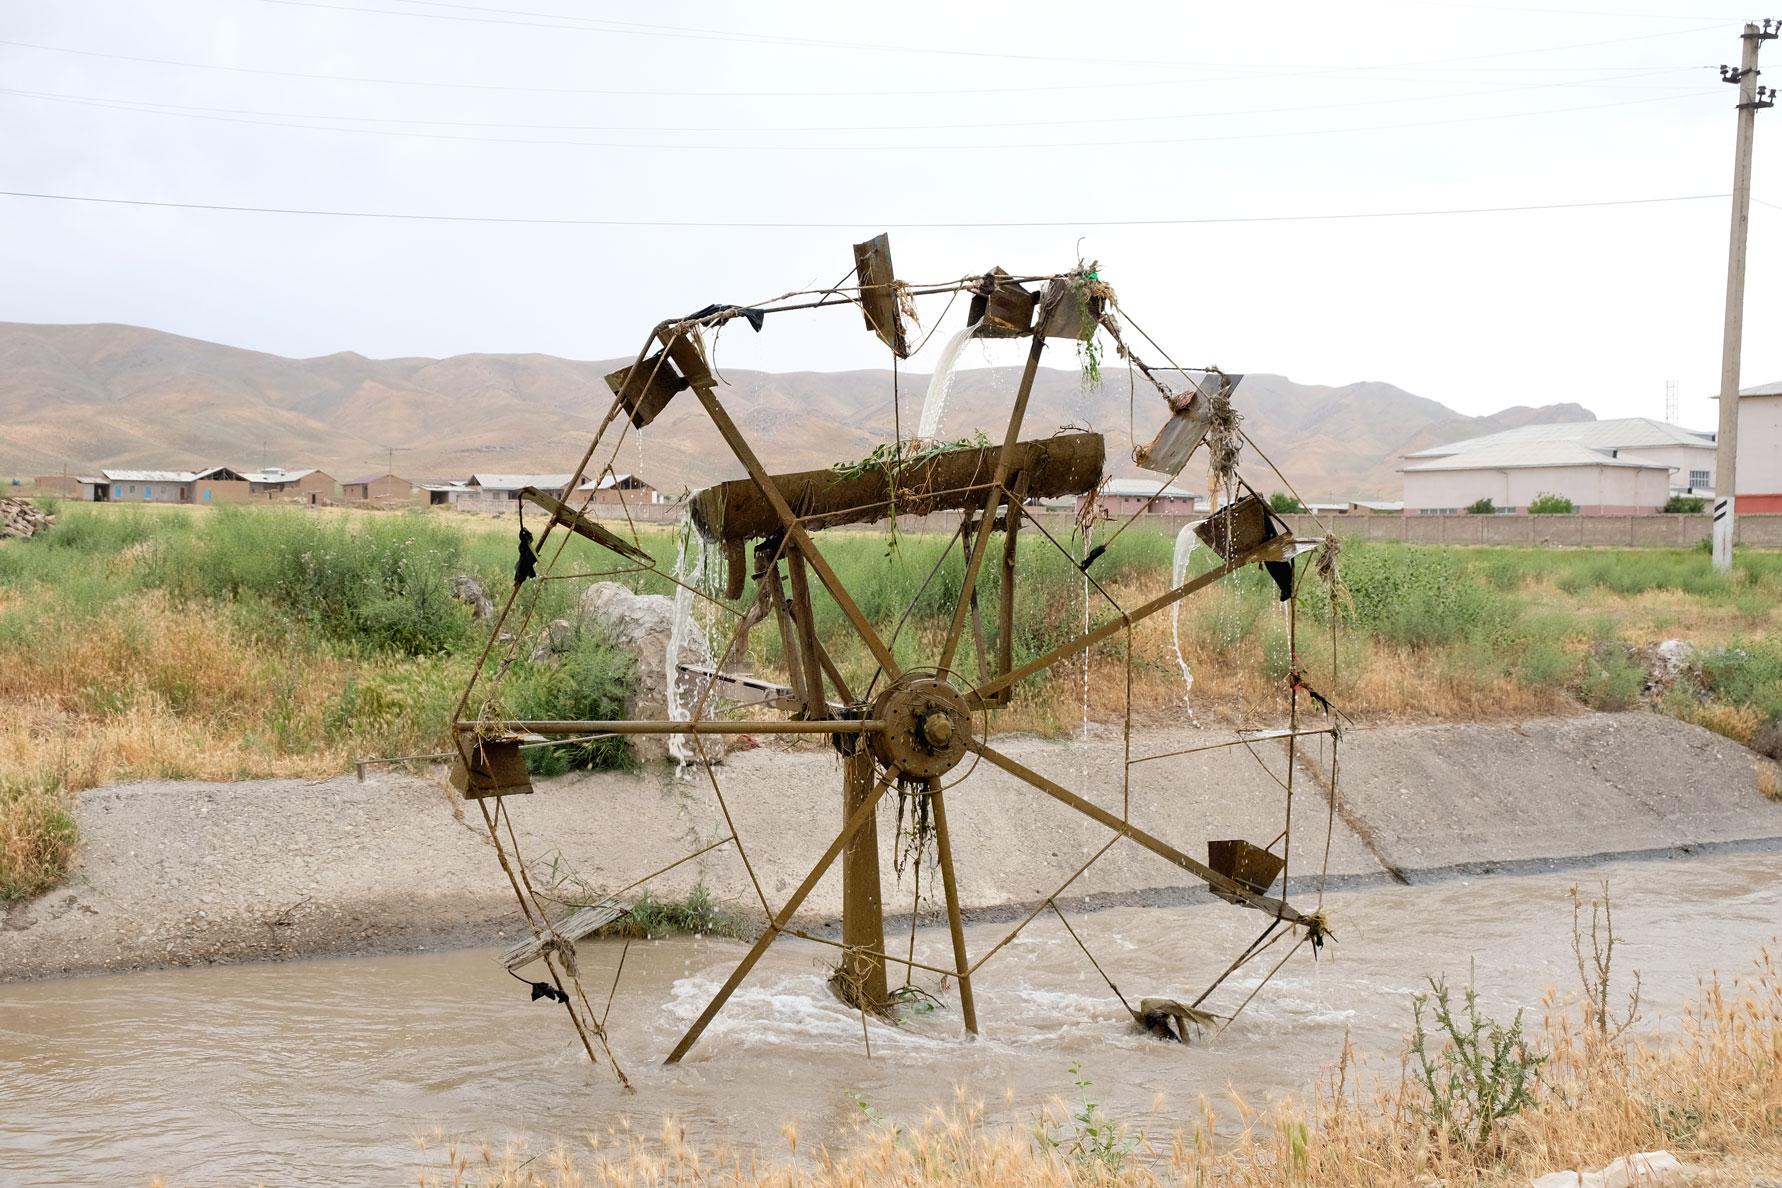 Eine Wasserrad. Sieht beeindruckend aus, erfüllt aber nicht seinen Zweck, da ein Rohr gebrochen ist.